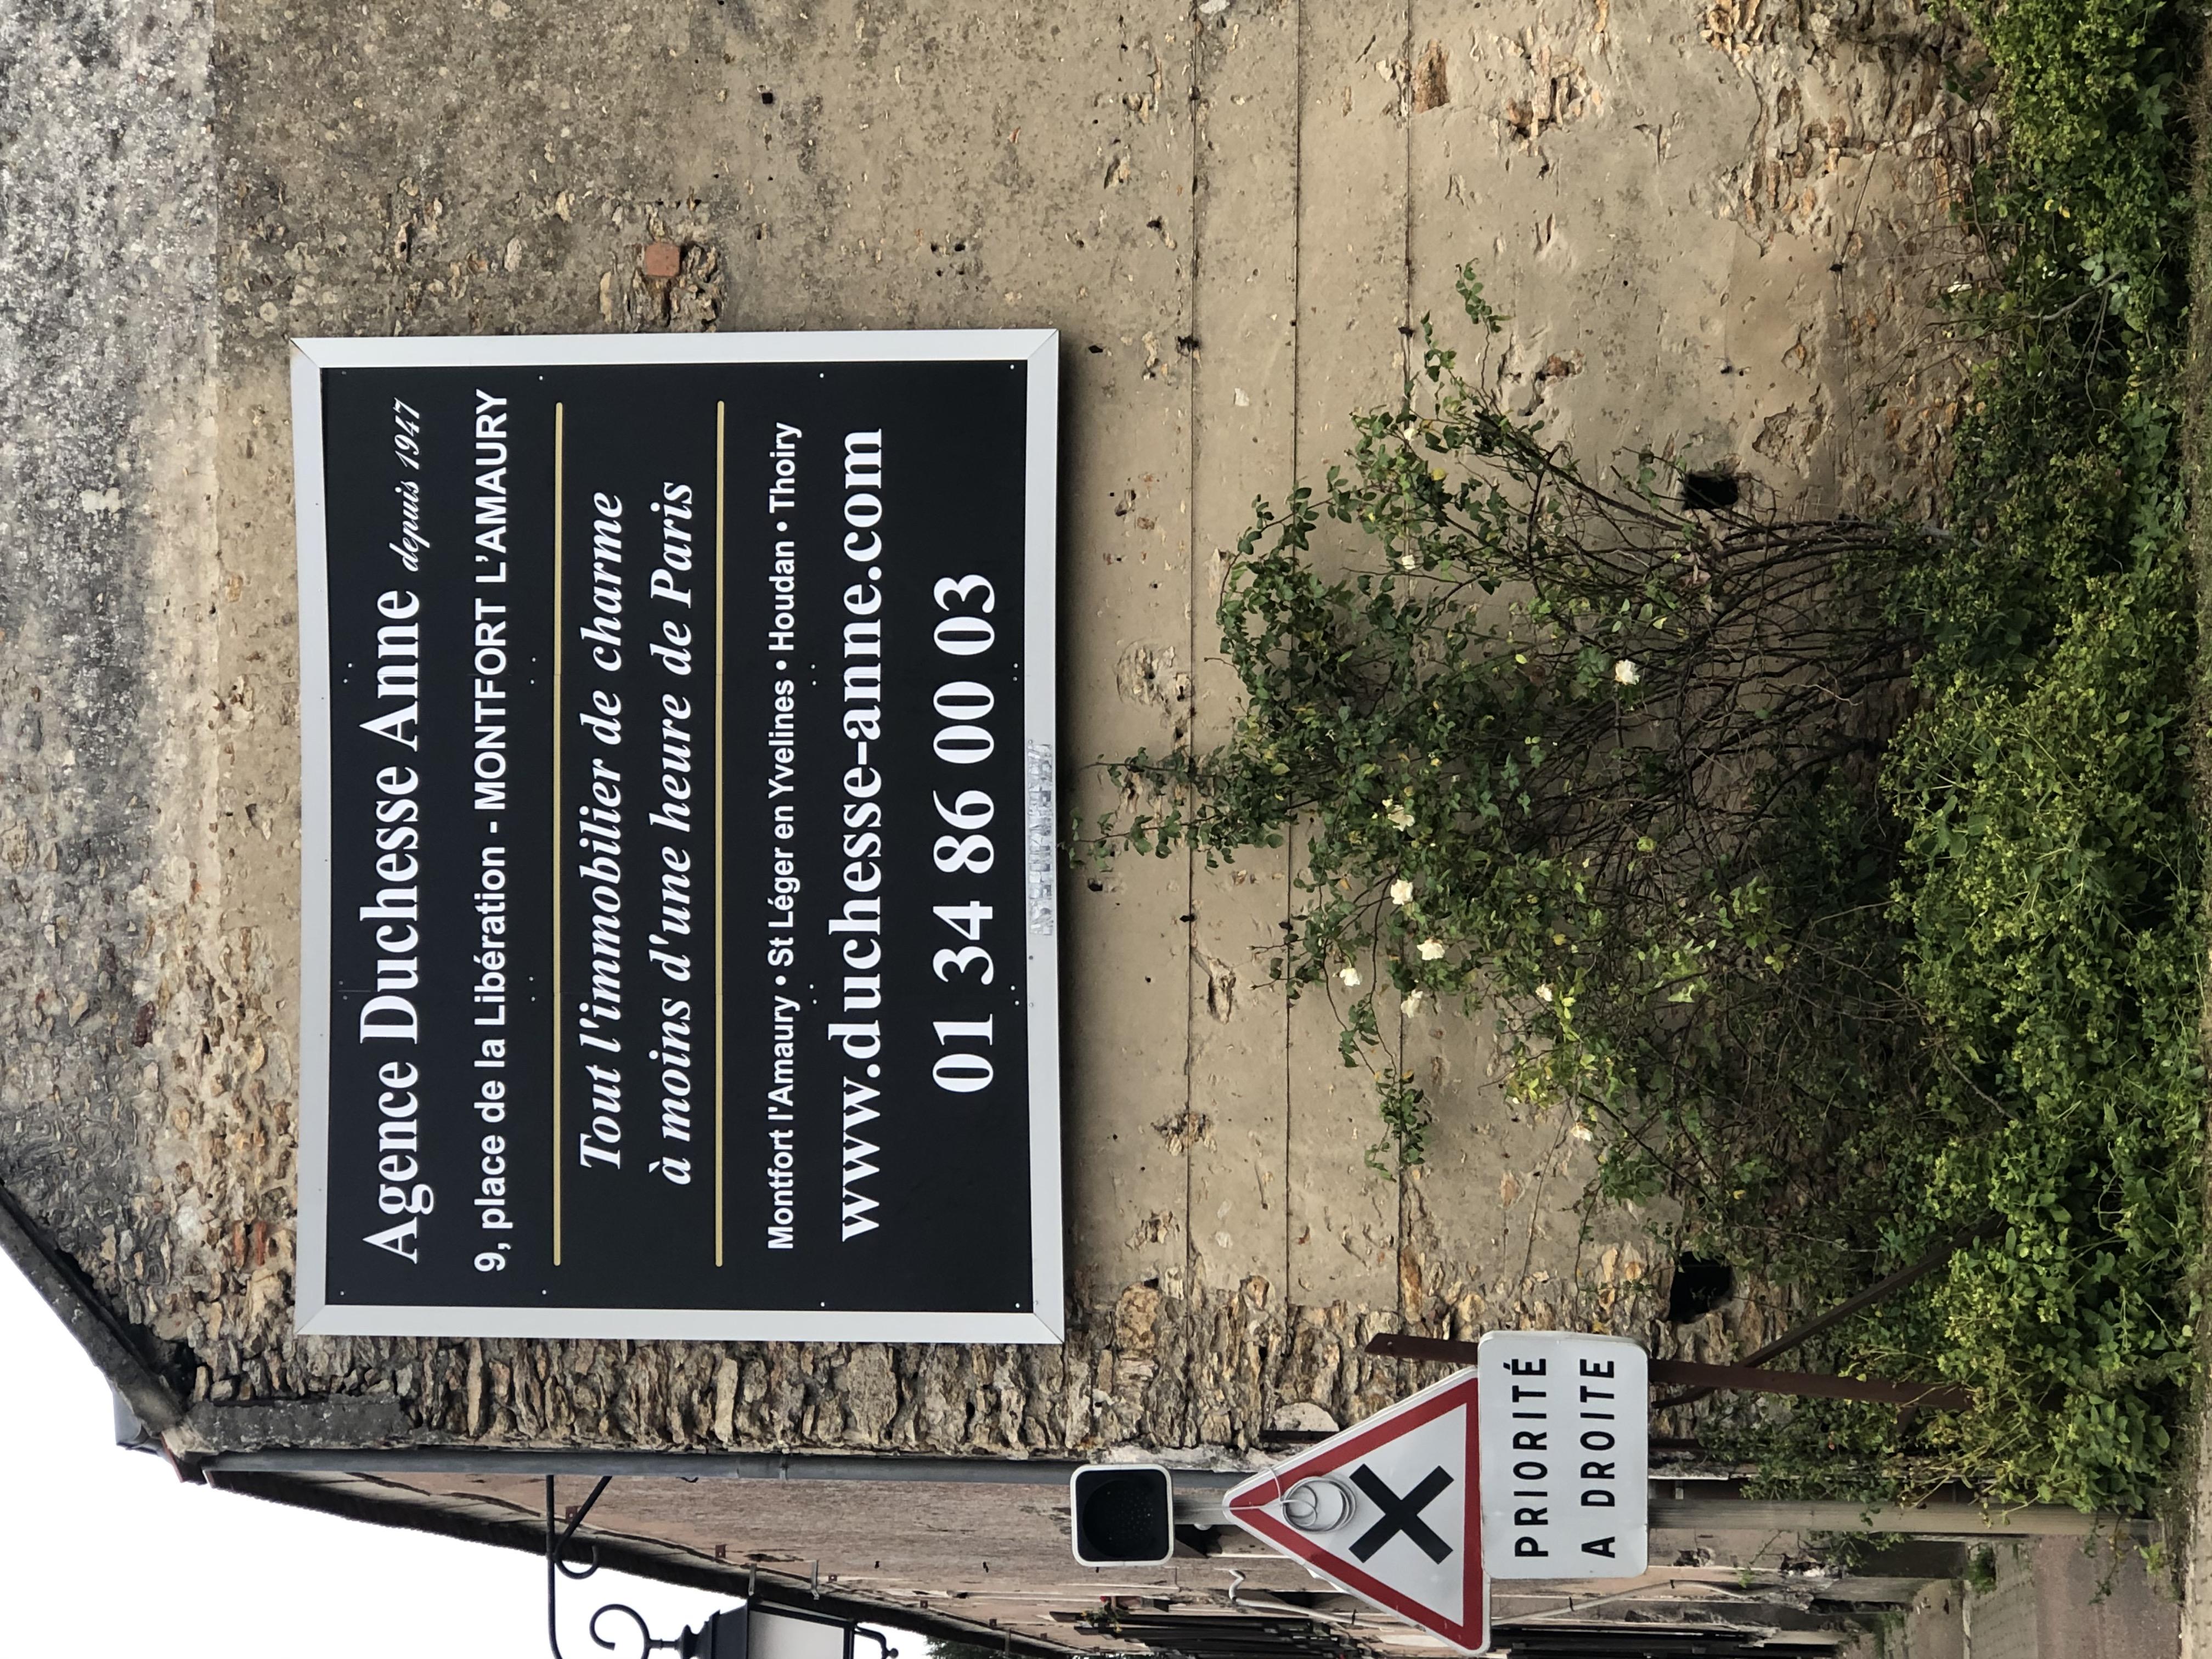 Rénovation d'un panneau publicitaire 4x3m